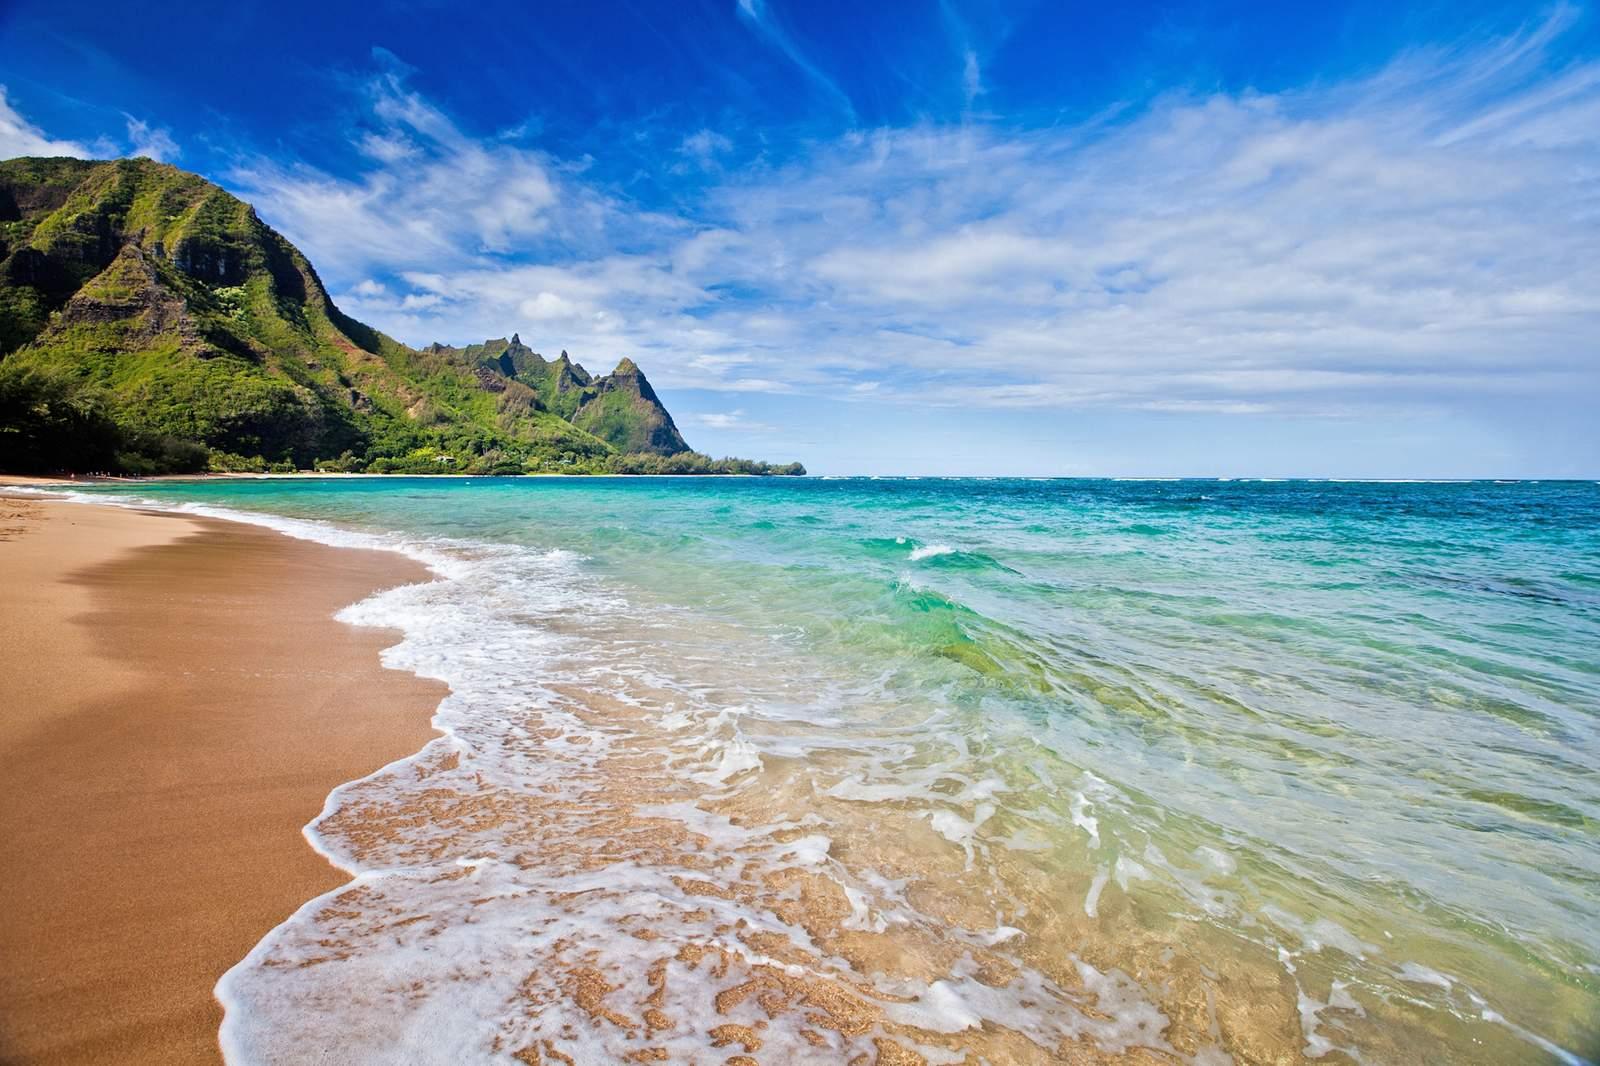 Kauai - Makua Beach, North Shore